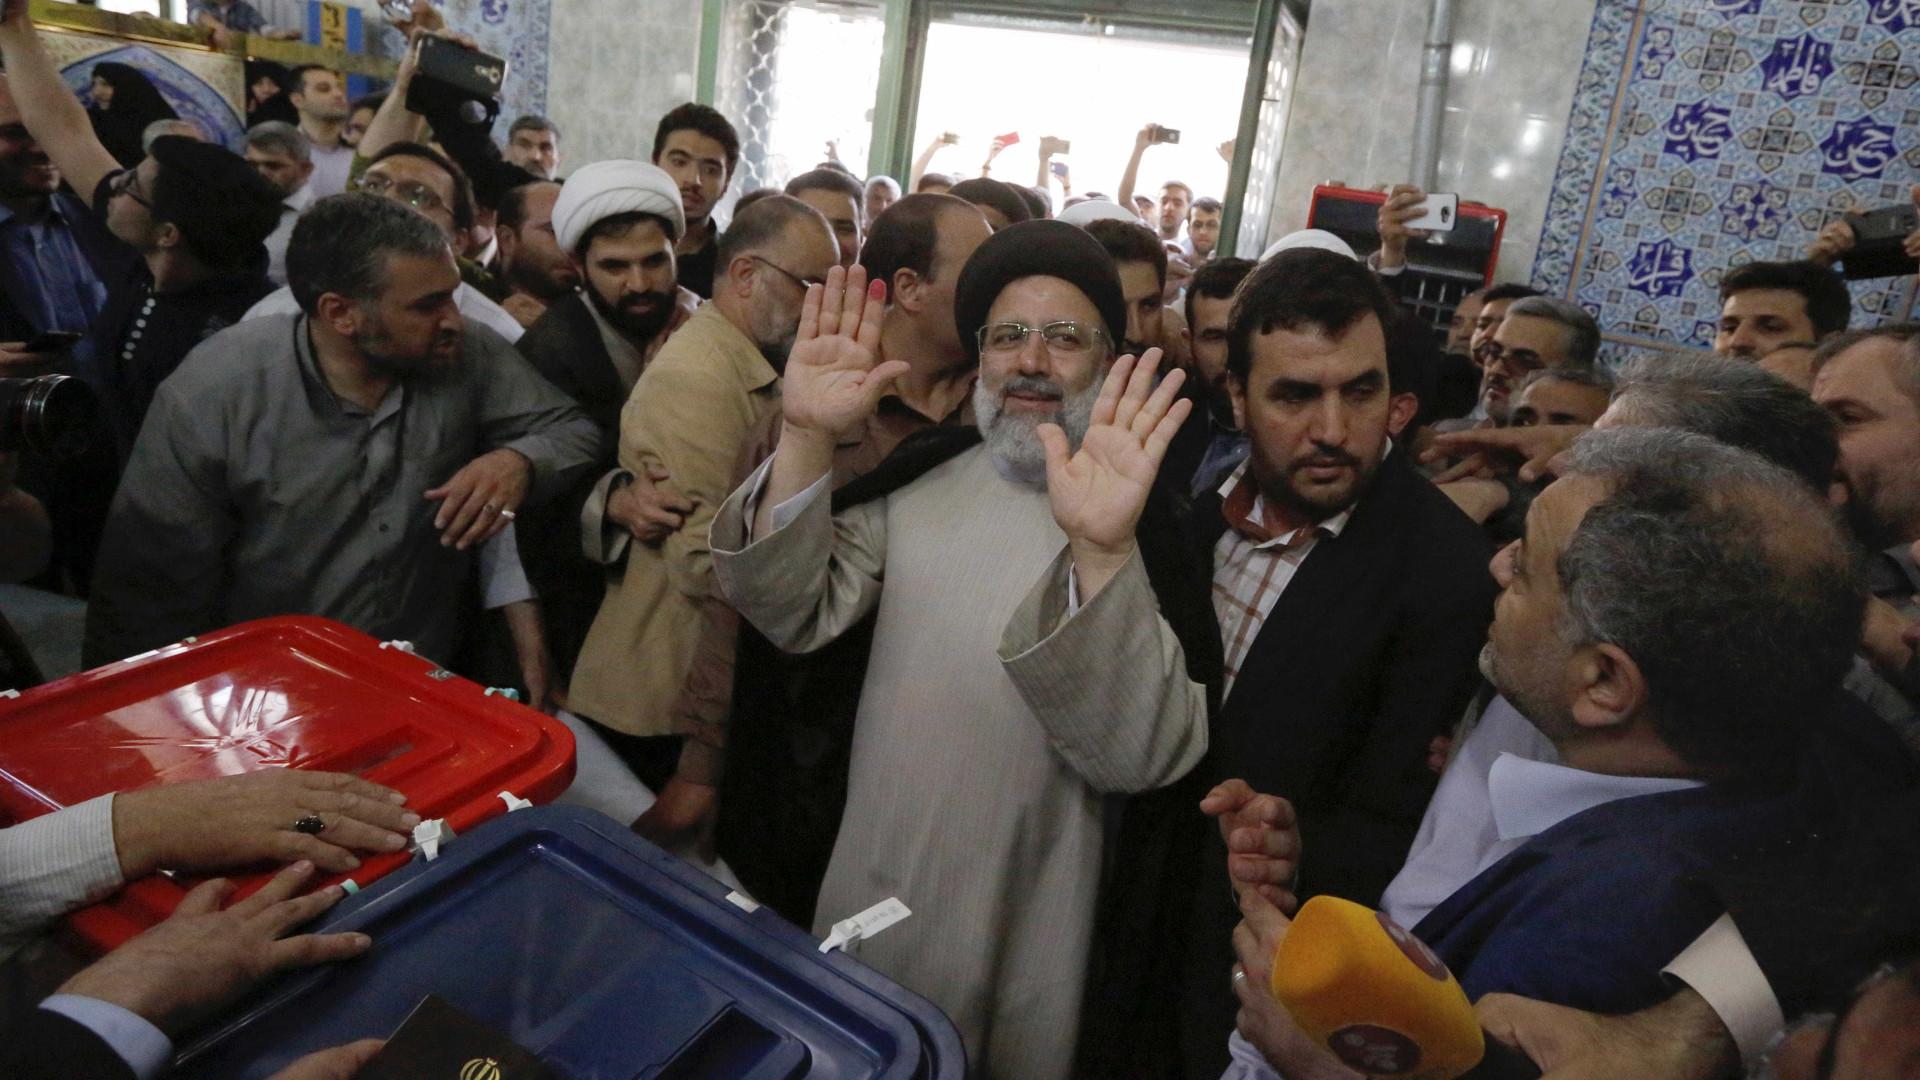 Votação nas presidências iranianas prolongada por mais quatro horas